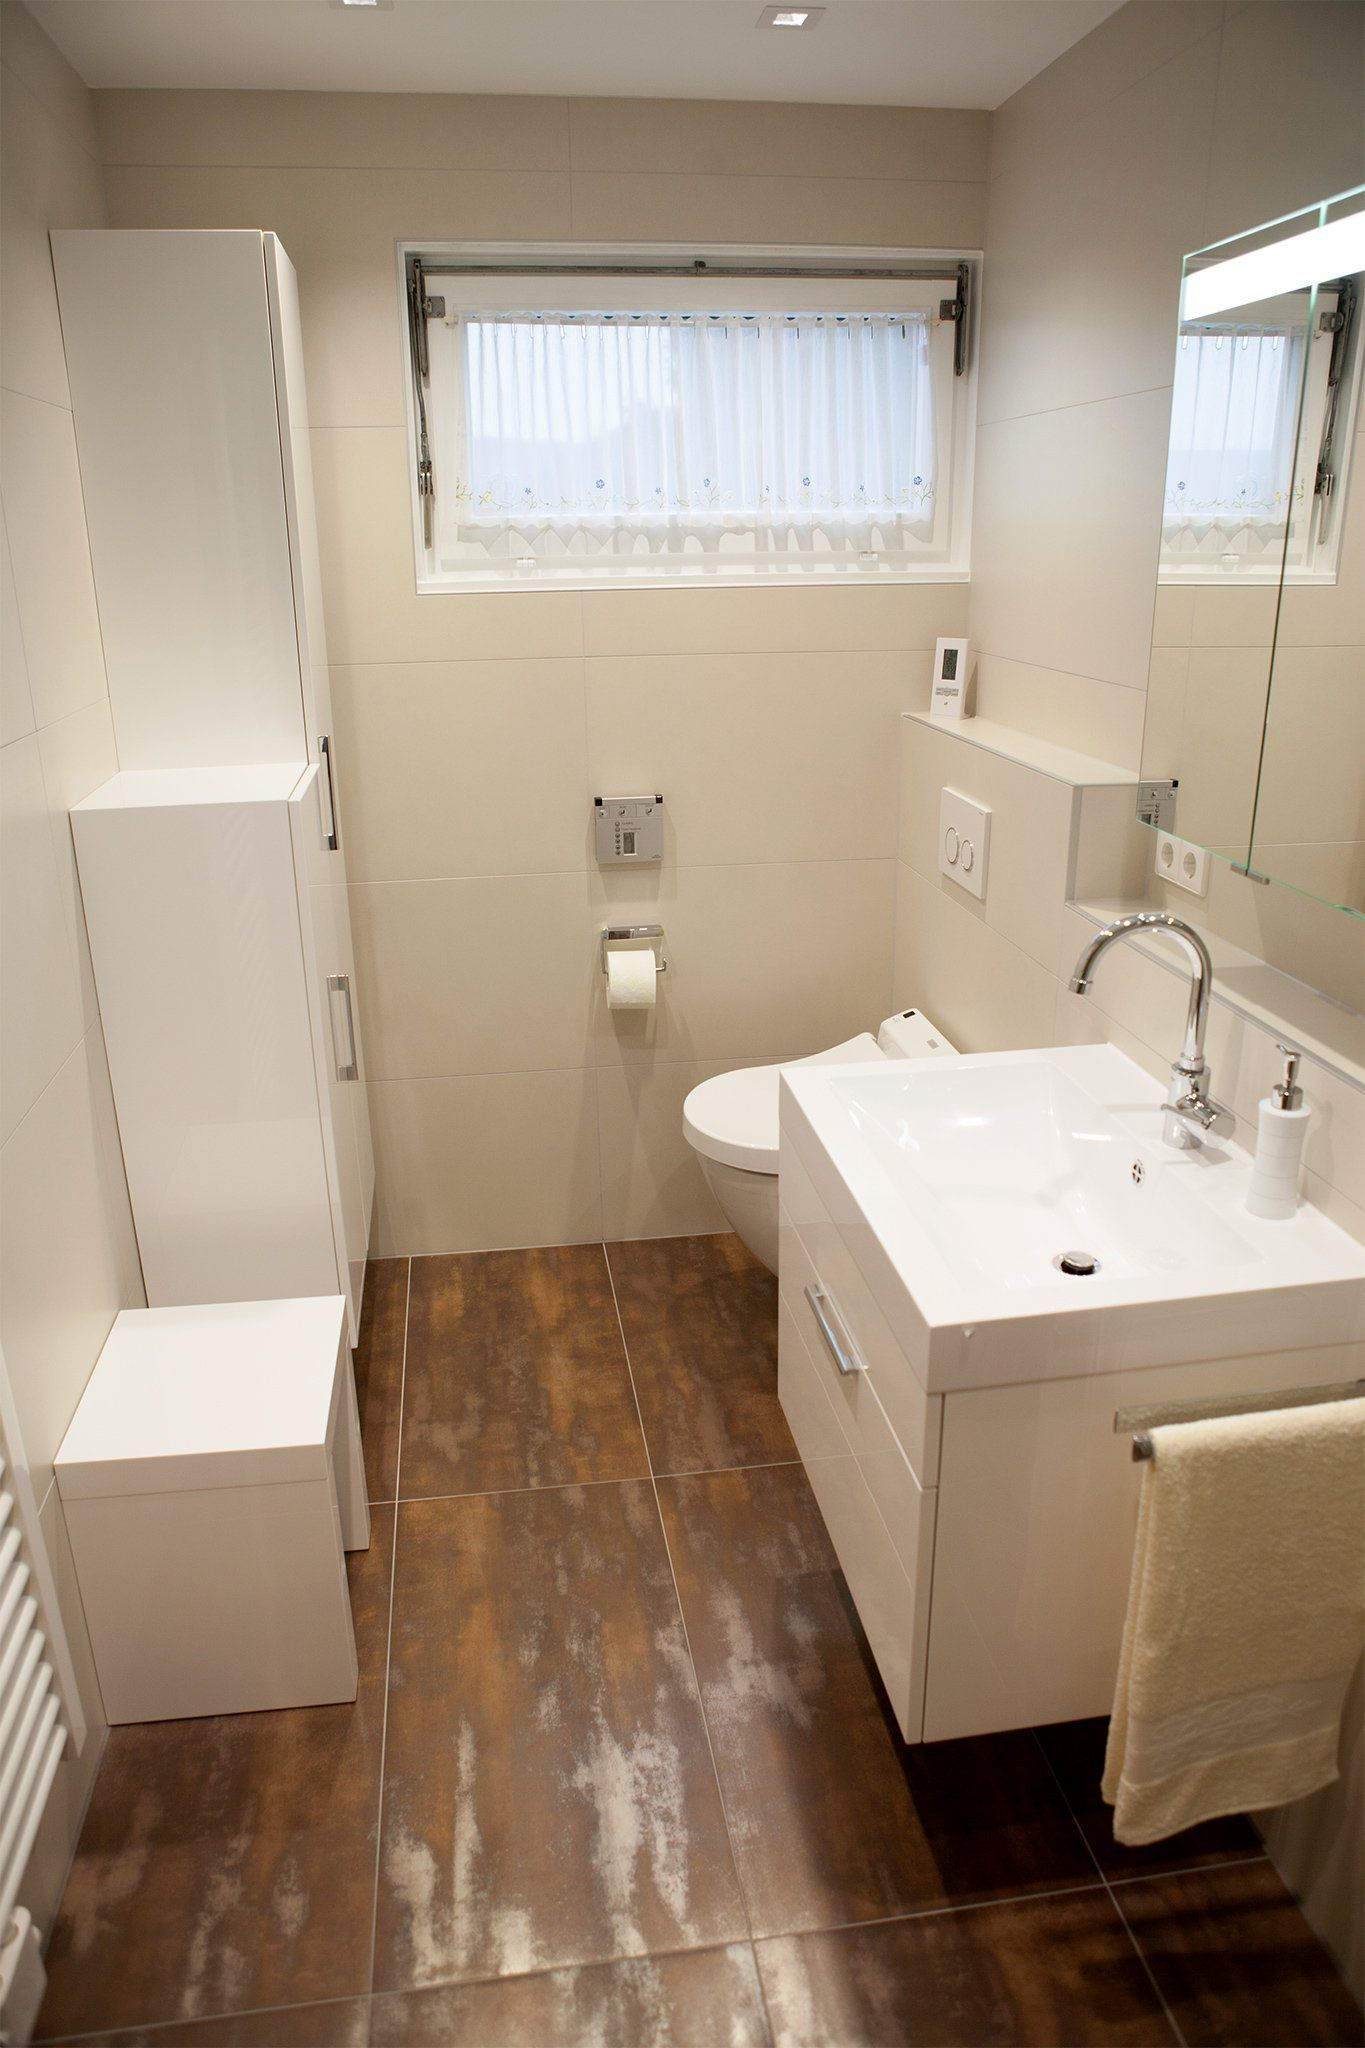 badezimmer renovierung mietwohnung in 2020 (mit Bildern Modell